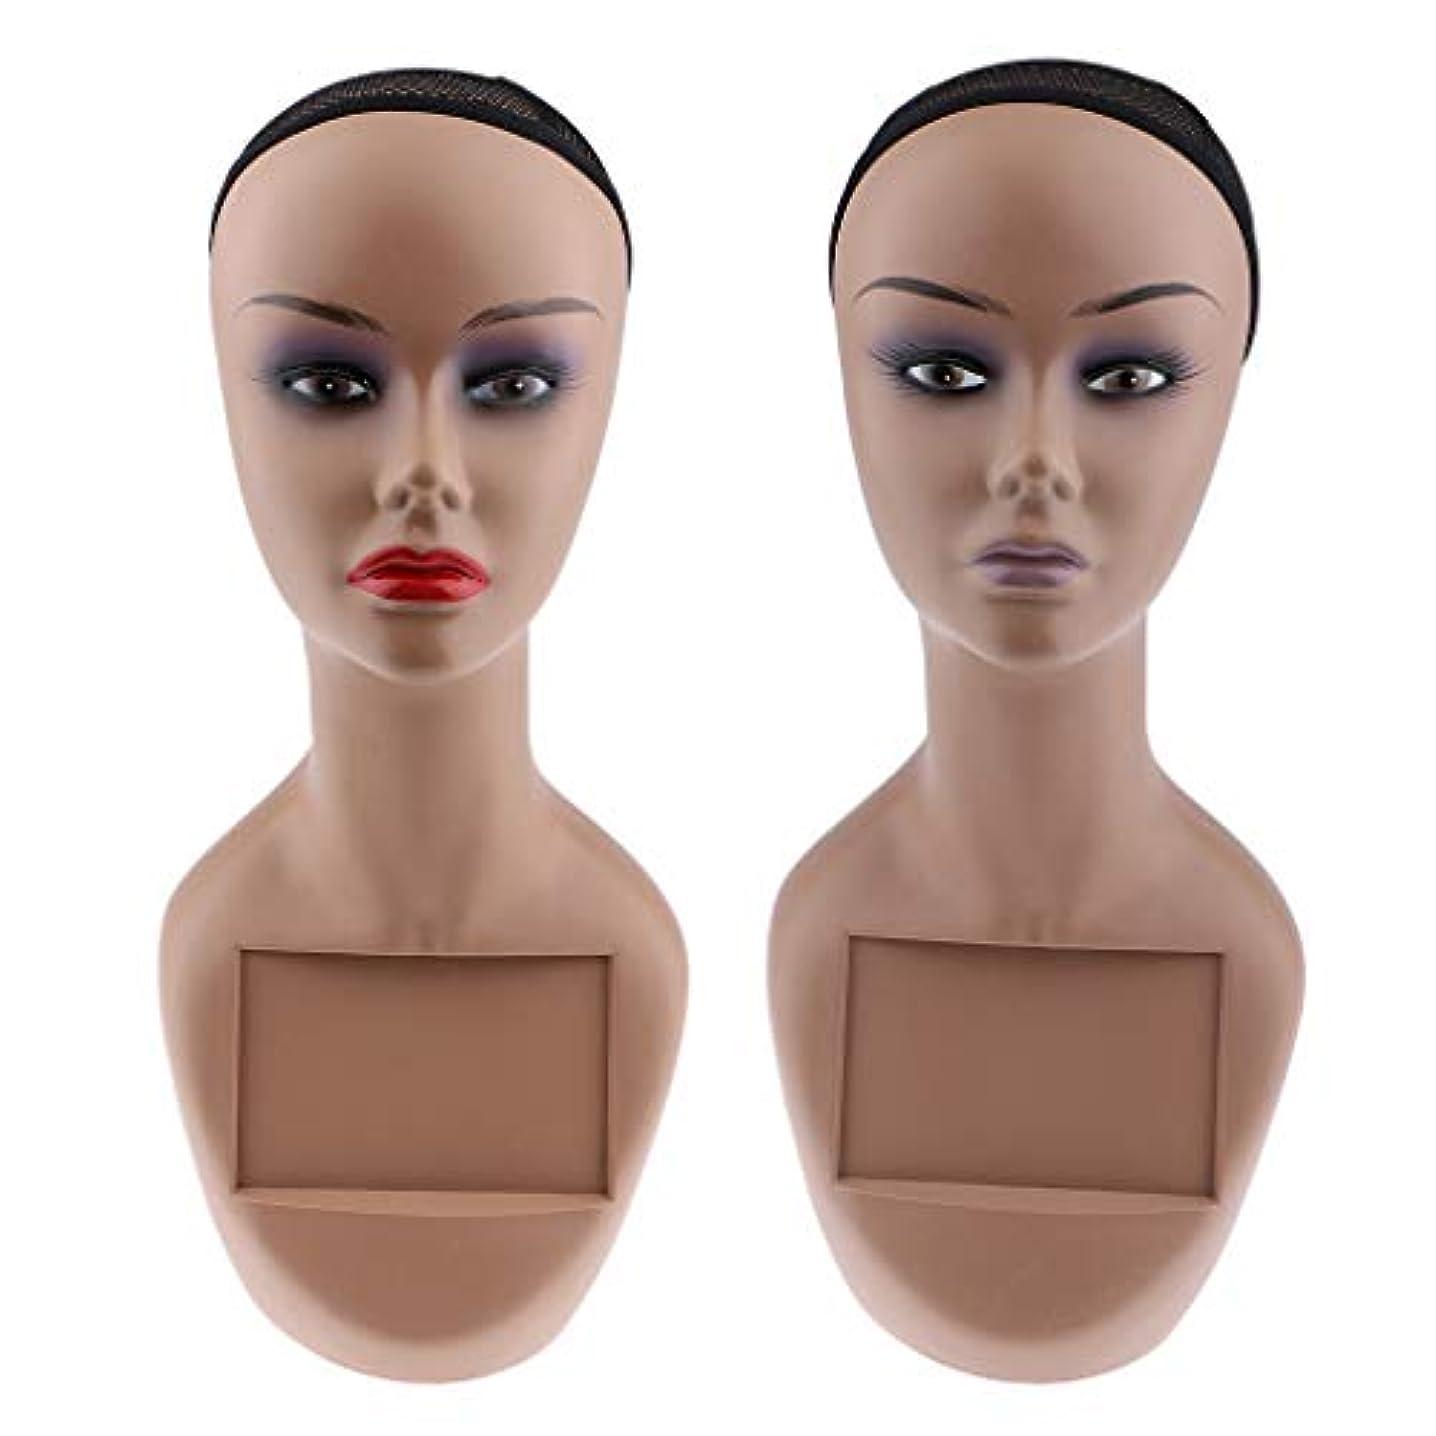 溶融フォロー柔和DYNWAVE ネットキャップ付き 女性用 マネキンヘッド 2個入り